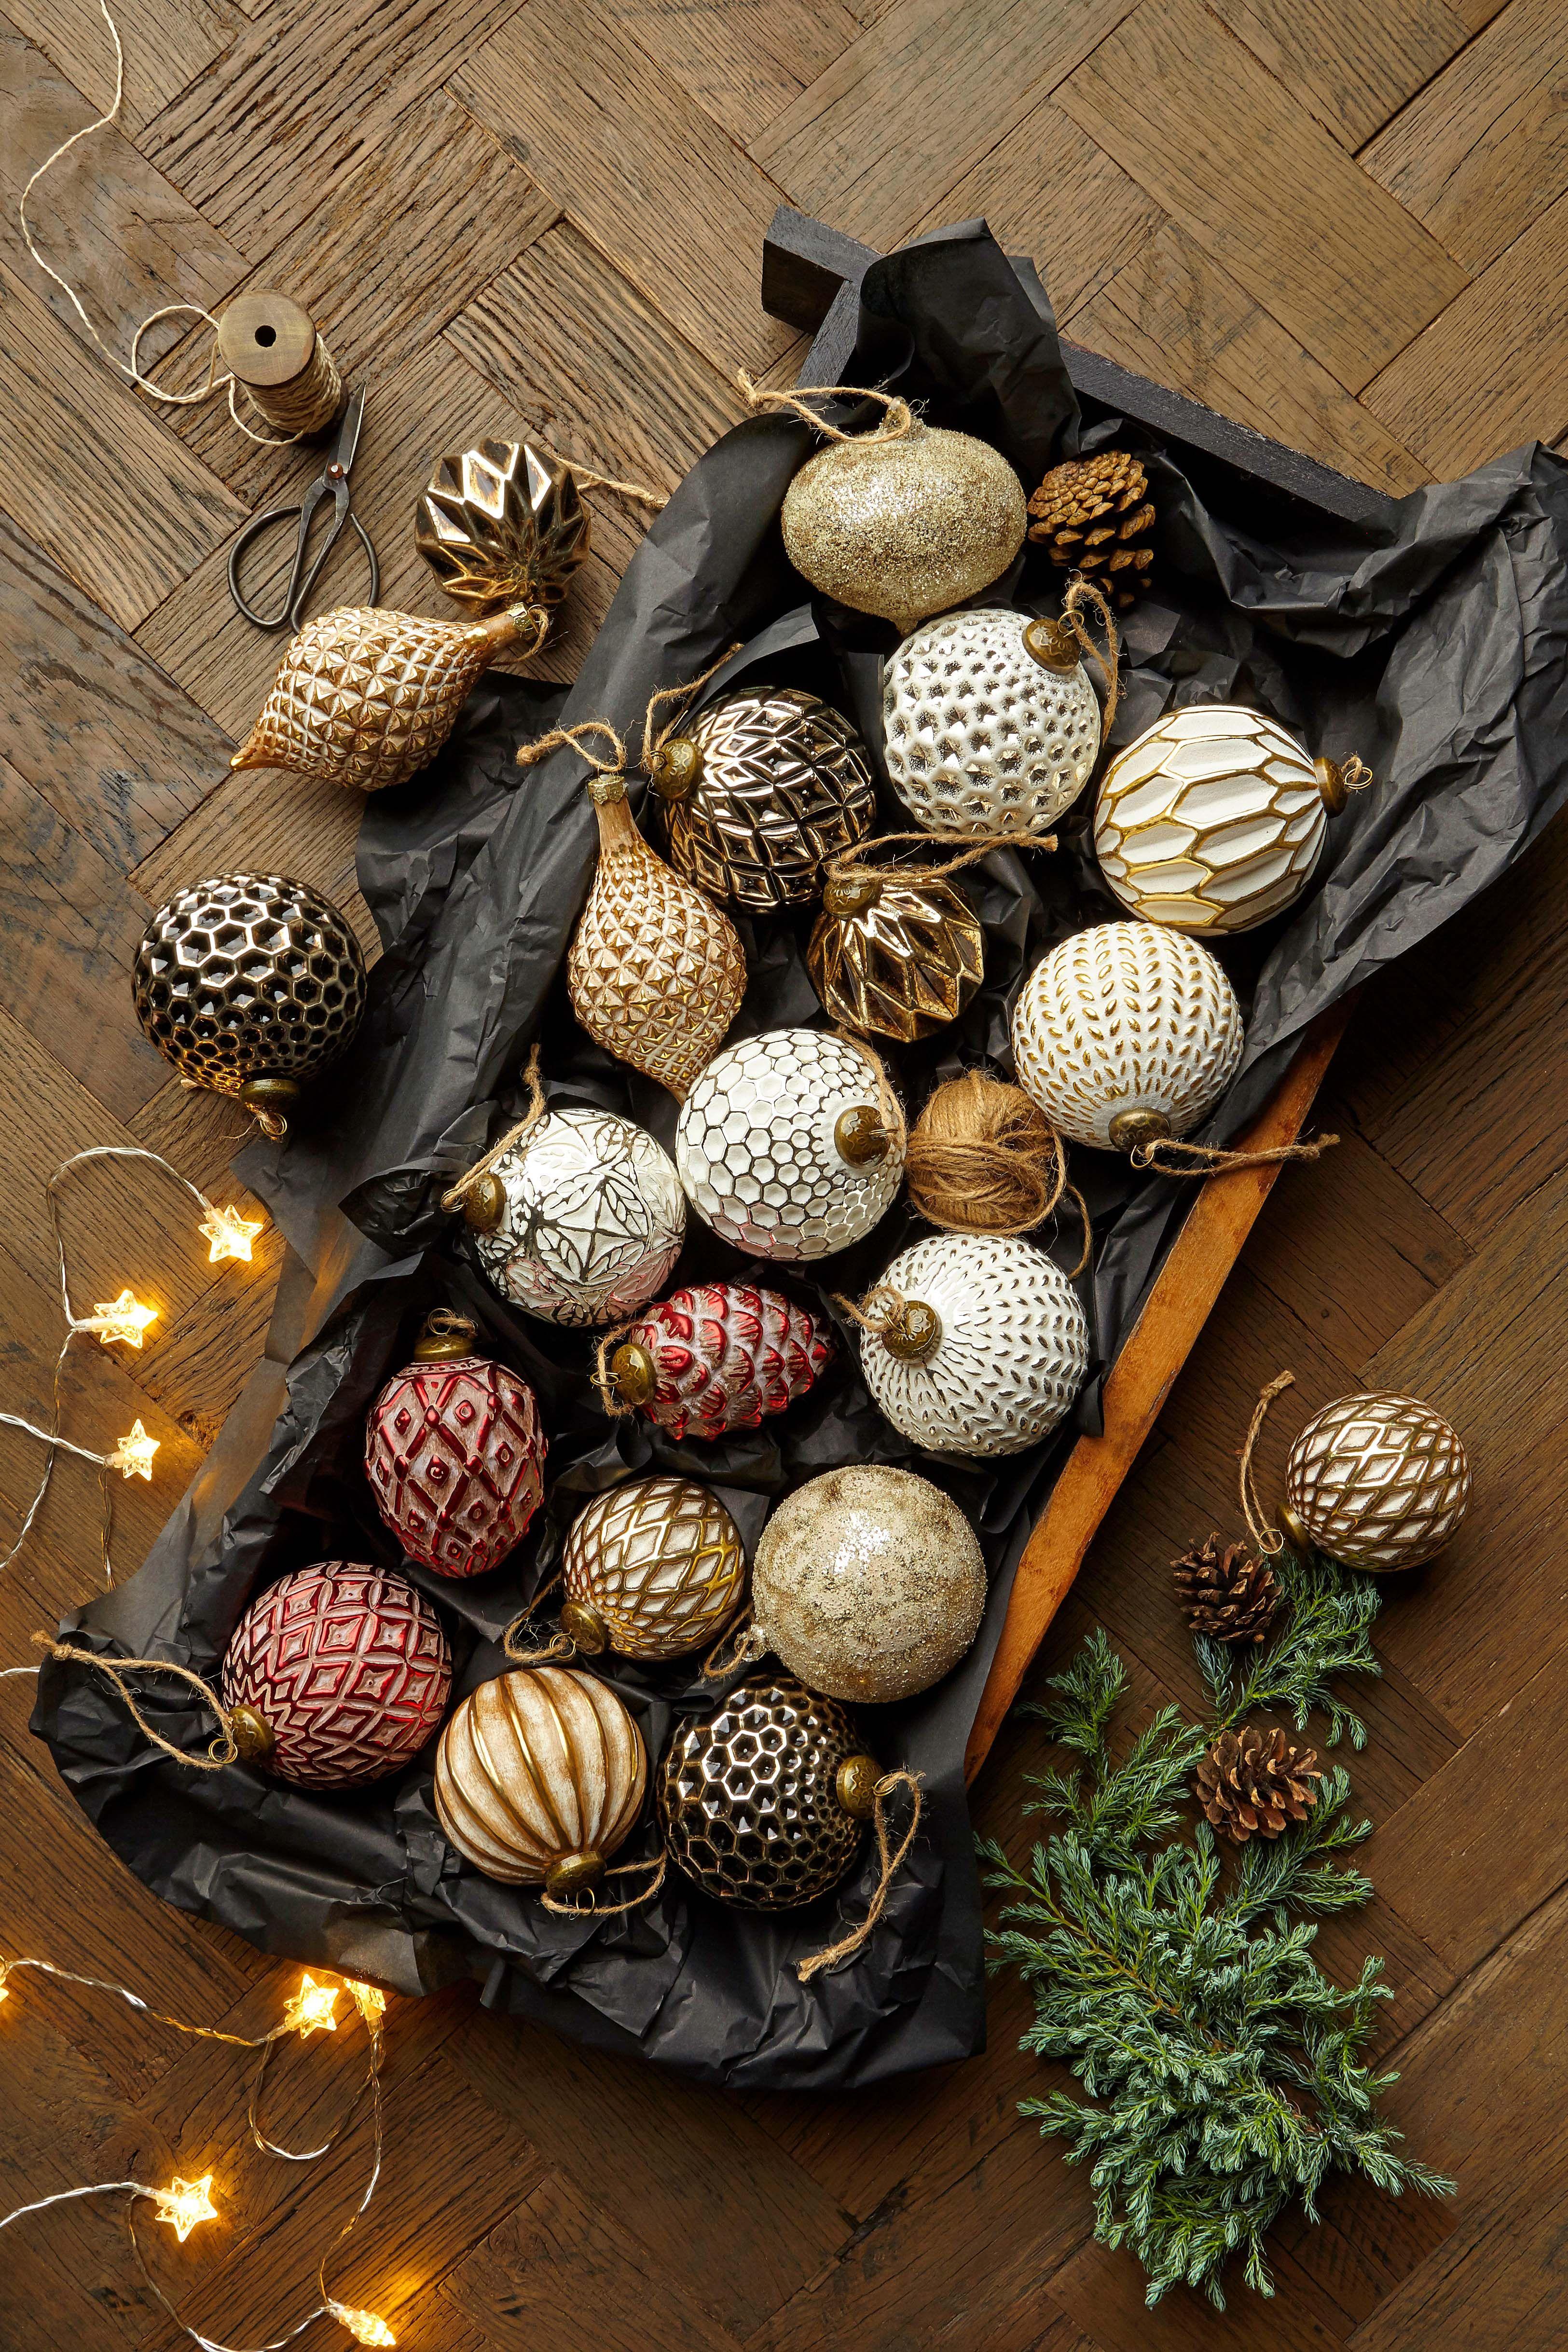 Dehner Christbaumkugeln.Weihnachtsdeko Aus Gold Glamour Und Glanz So Glamourös Kann Die